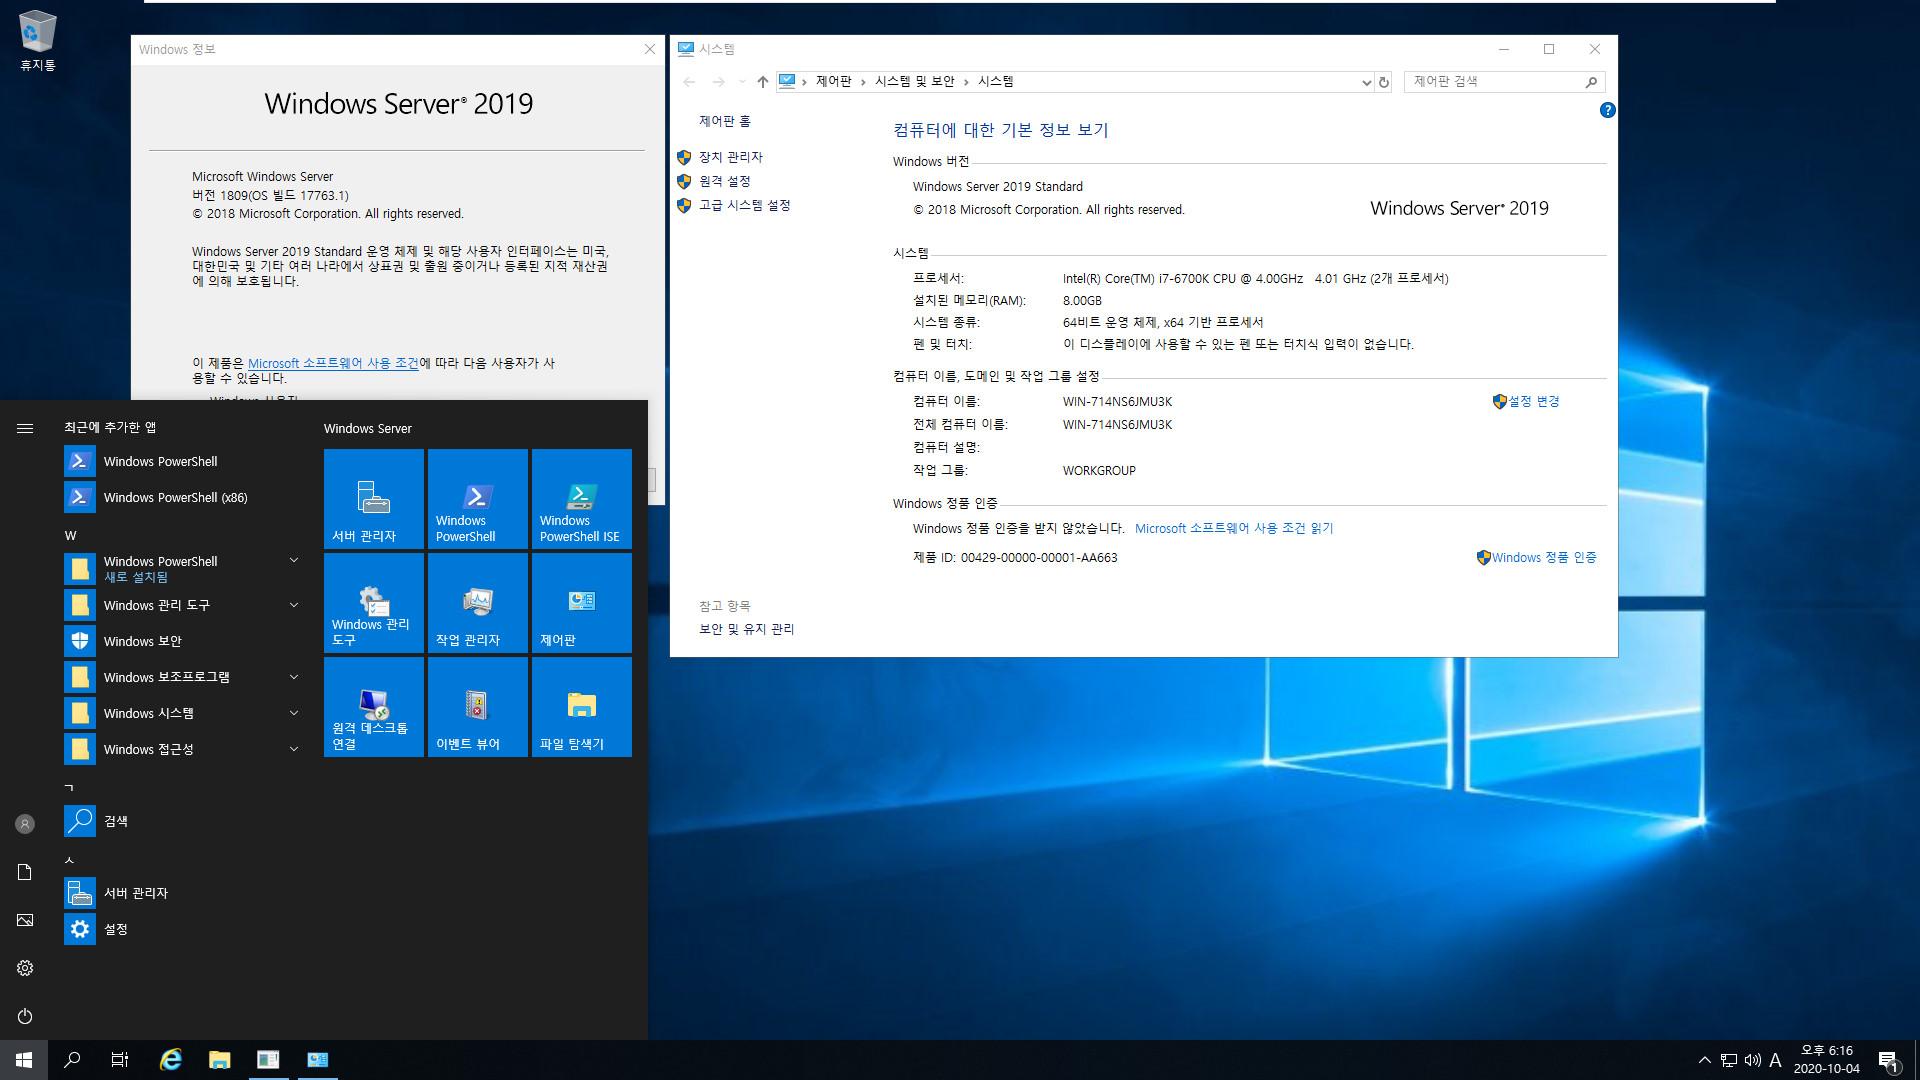 윈도우 서버군은 윈도우 사용중에도 자체 WBadmin 명령으로 윈도우 복구를 합니다 - Windows Server 2019로 복구 테스트 2020-10-04_181656.jpg